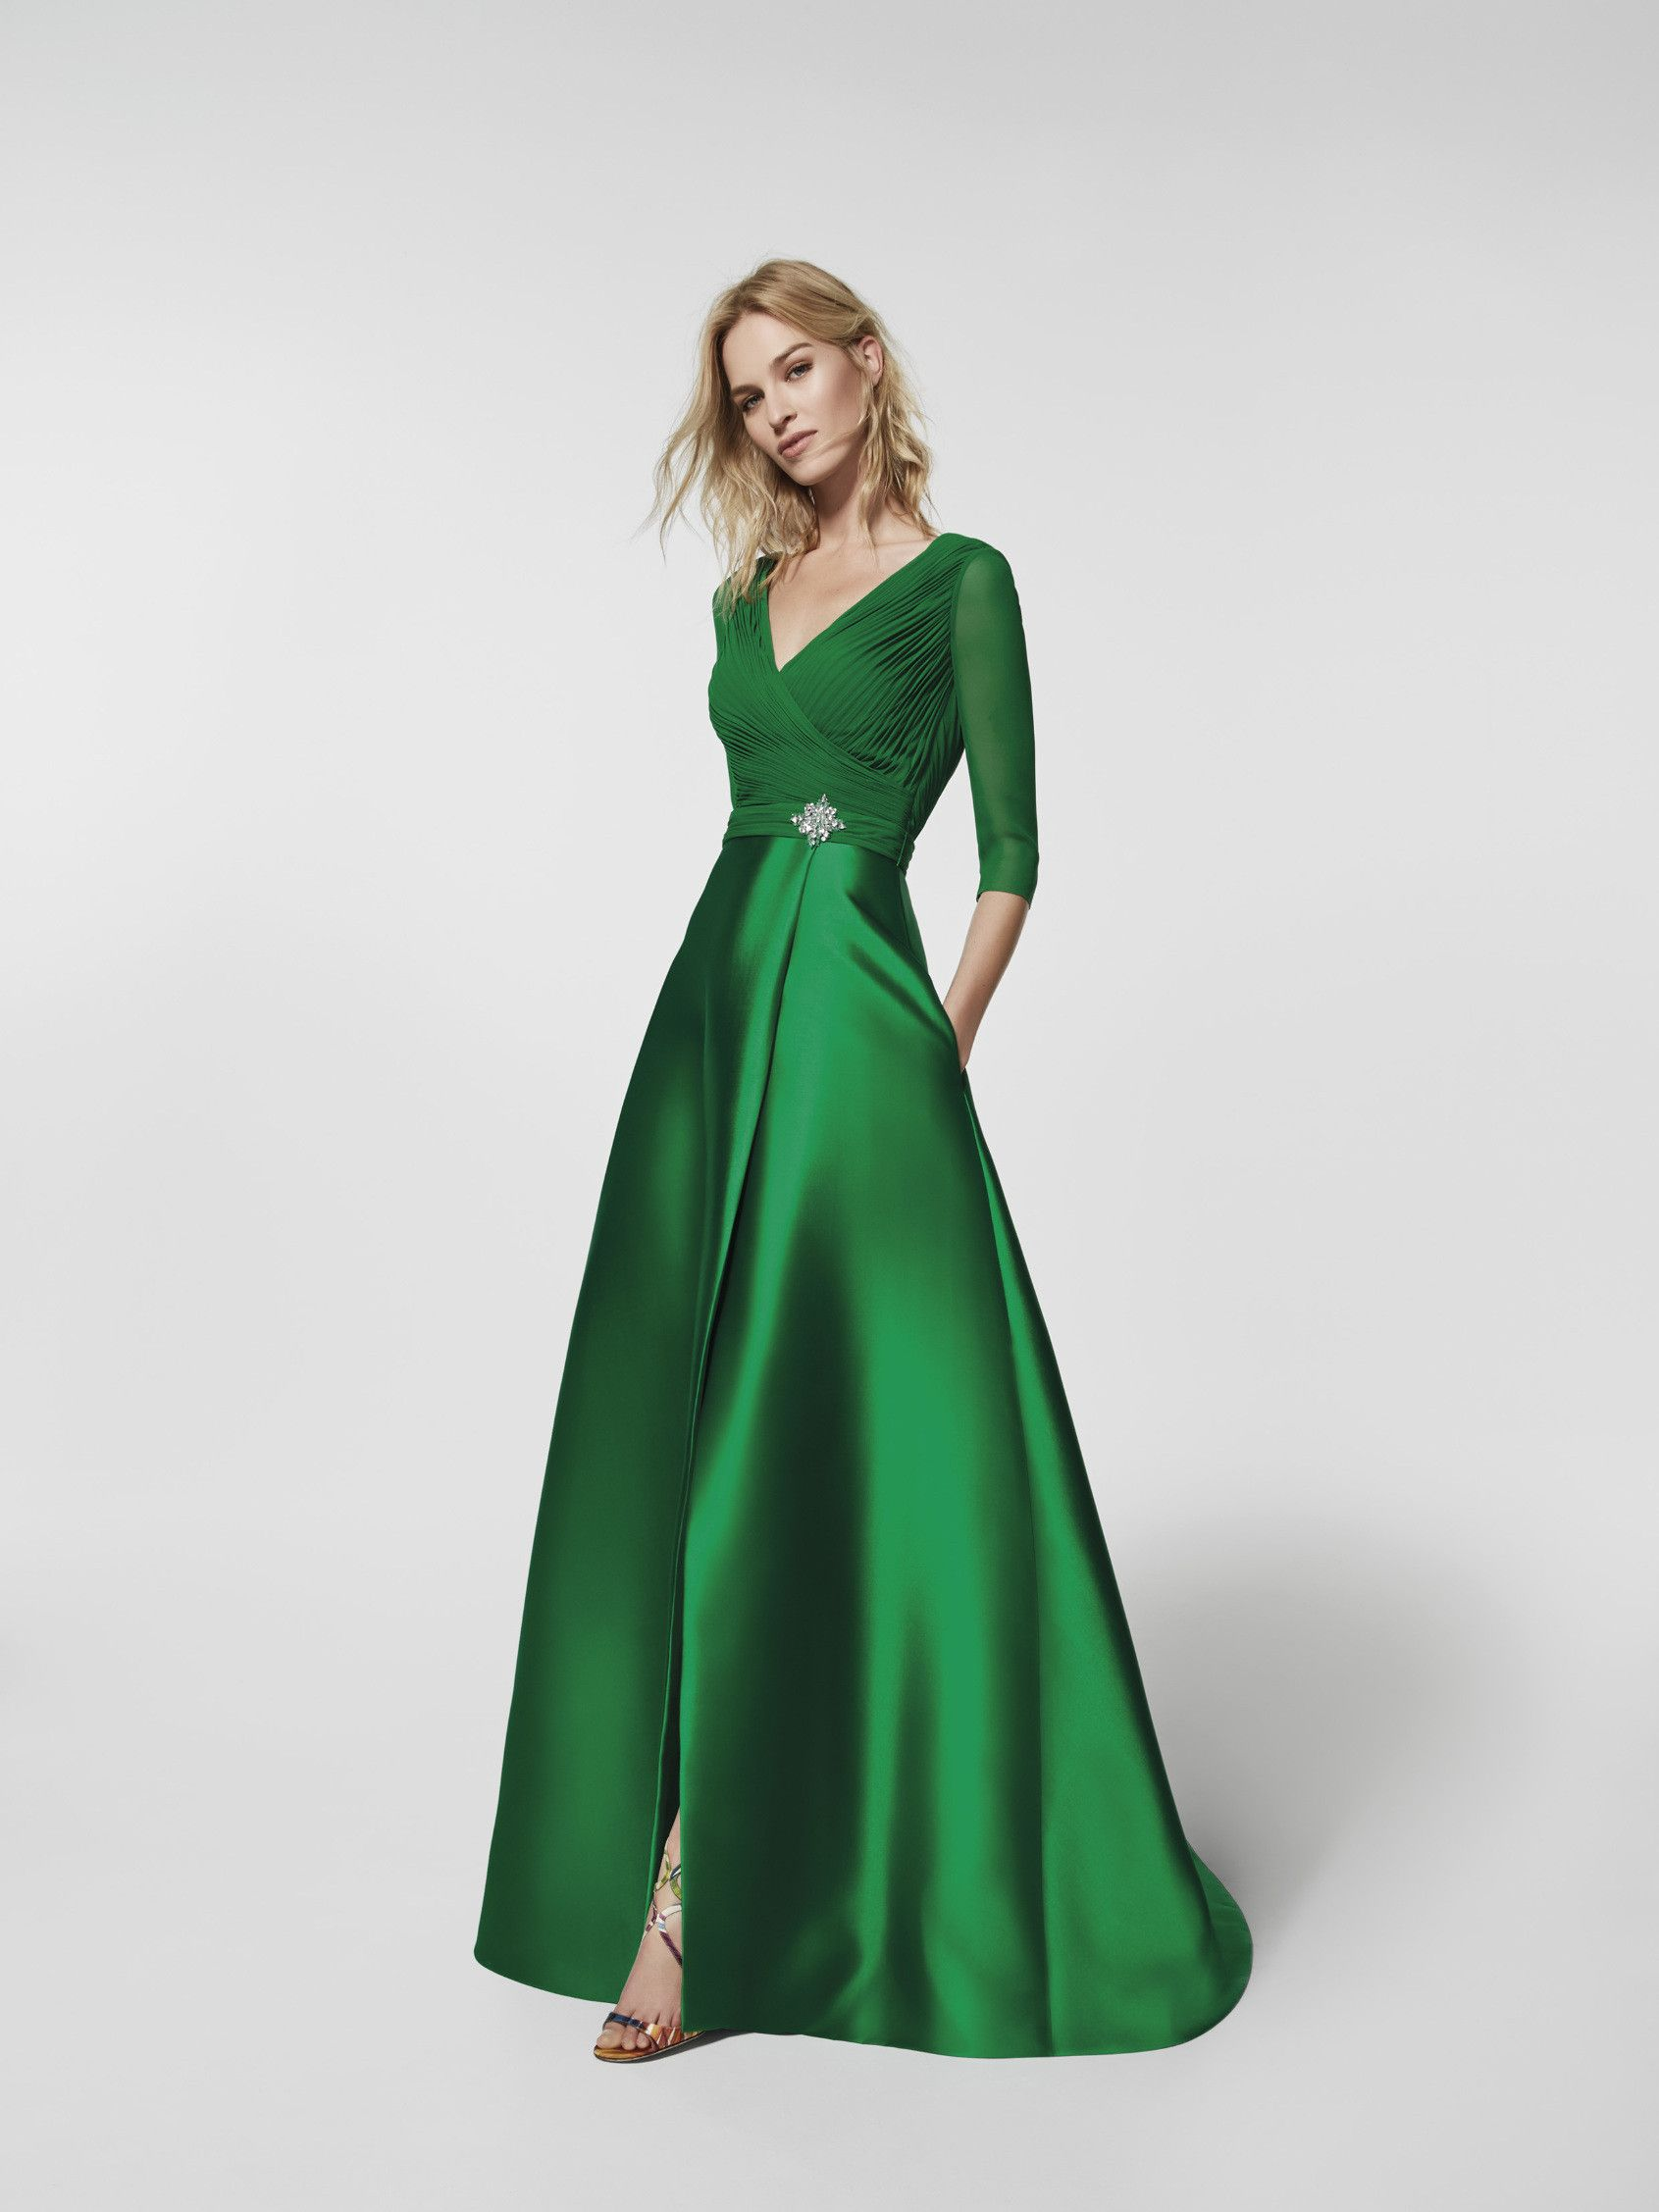 af06b53072 Vestido de fiesta (modelo GRACIELA) de color verde con un escote delantero  tipo en pico y con escote a espalda en pico . Vestido largo de la línea  corte en ...